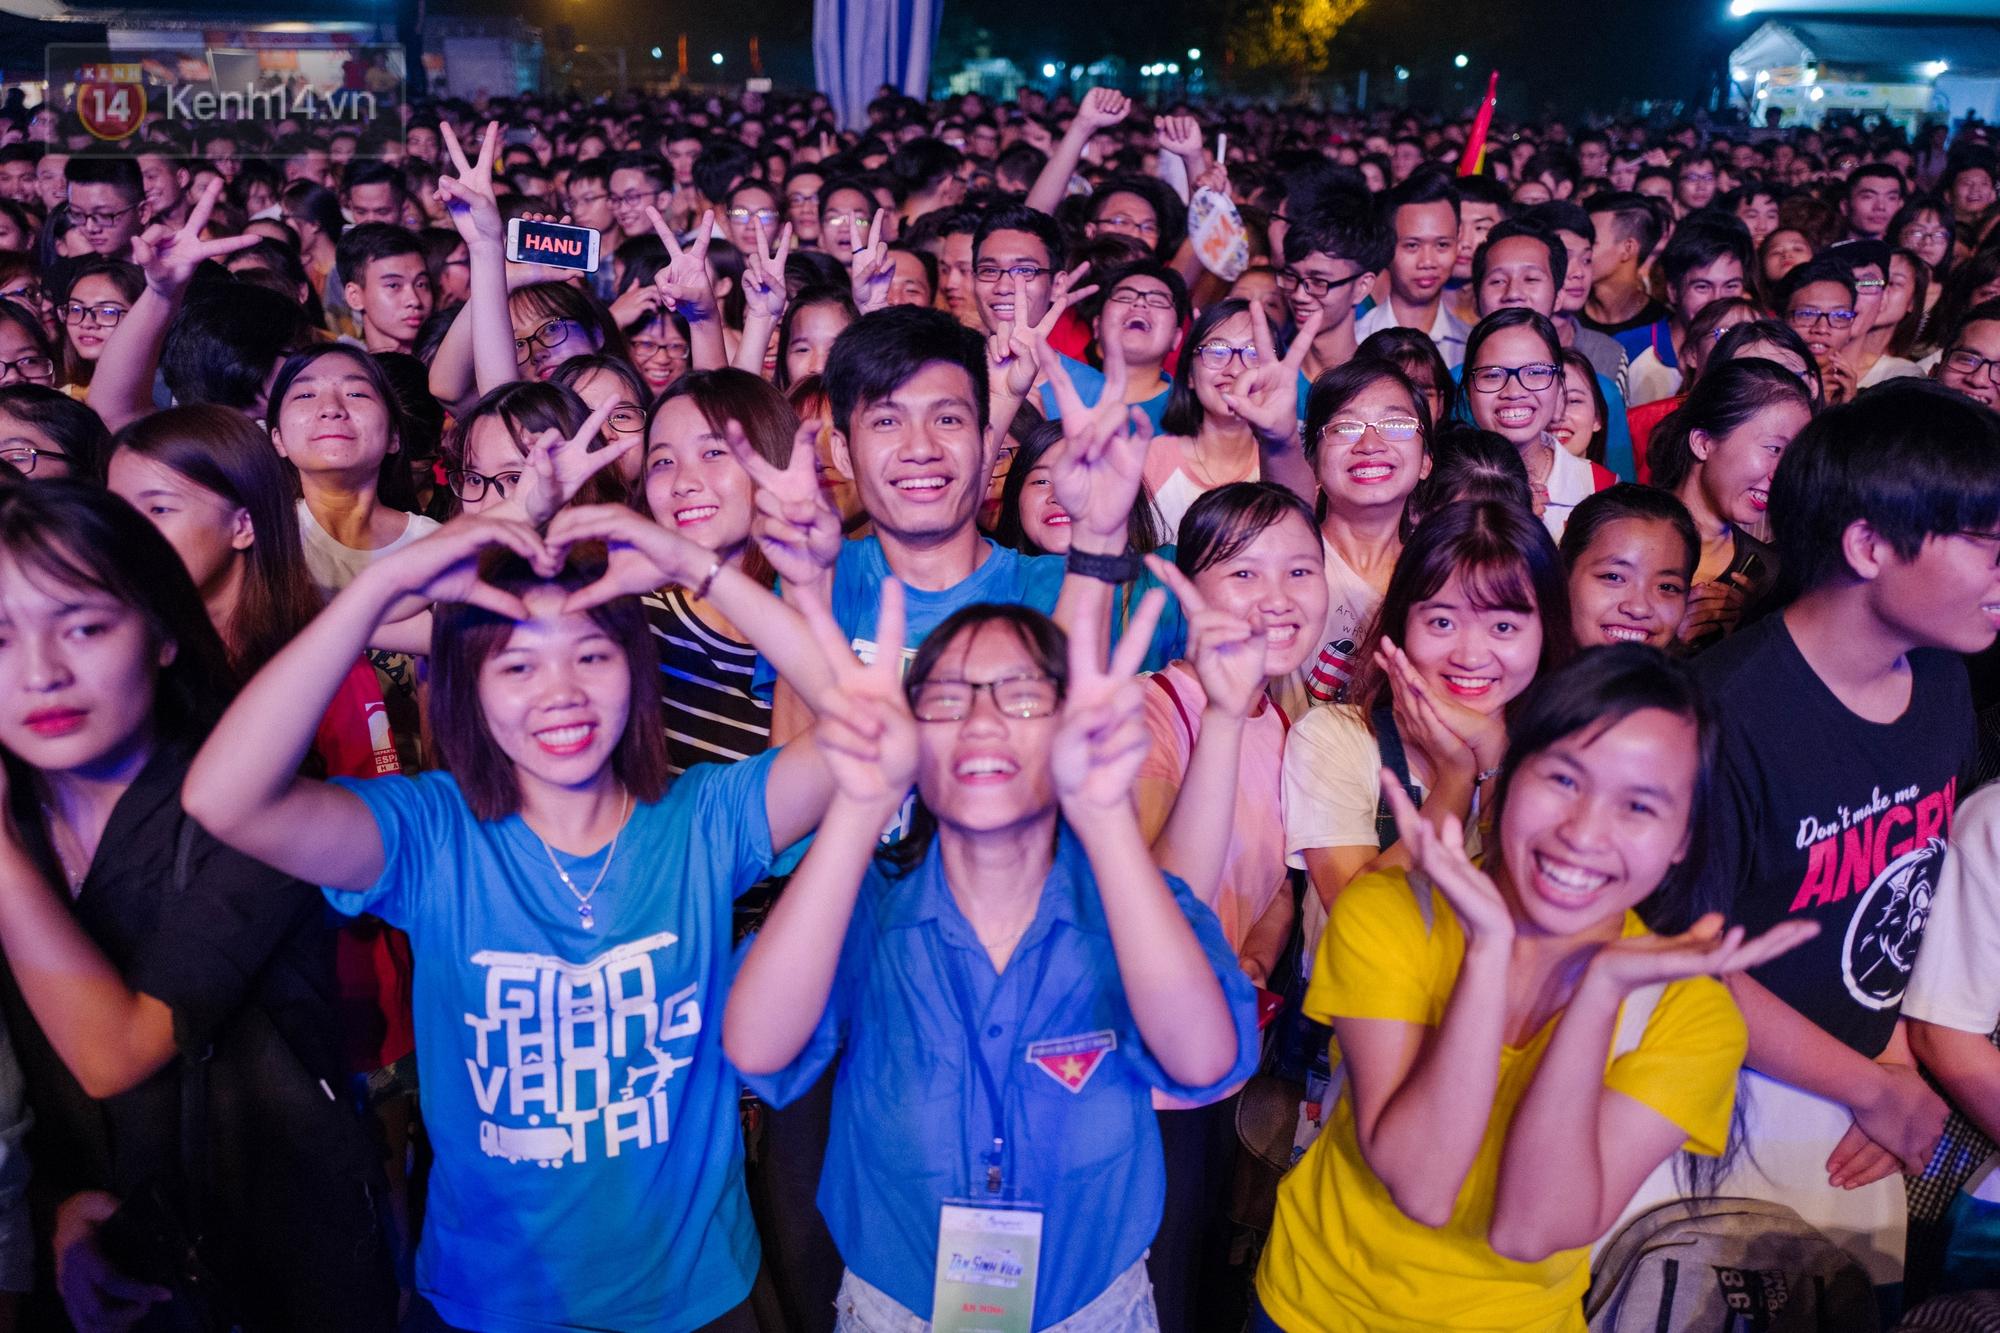 Giới trẻ Hà Nội bùng cháy với Nhạc hội Chào tân sinh viên 2017 không thể sôi động hơn - Ảnh 4.